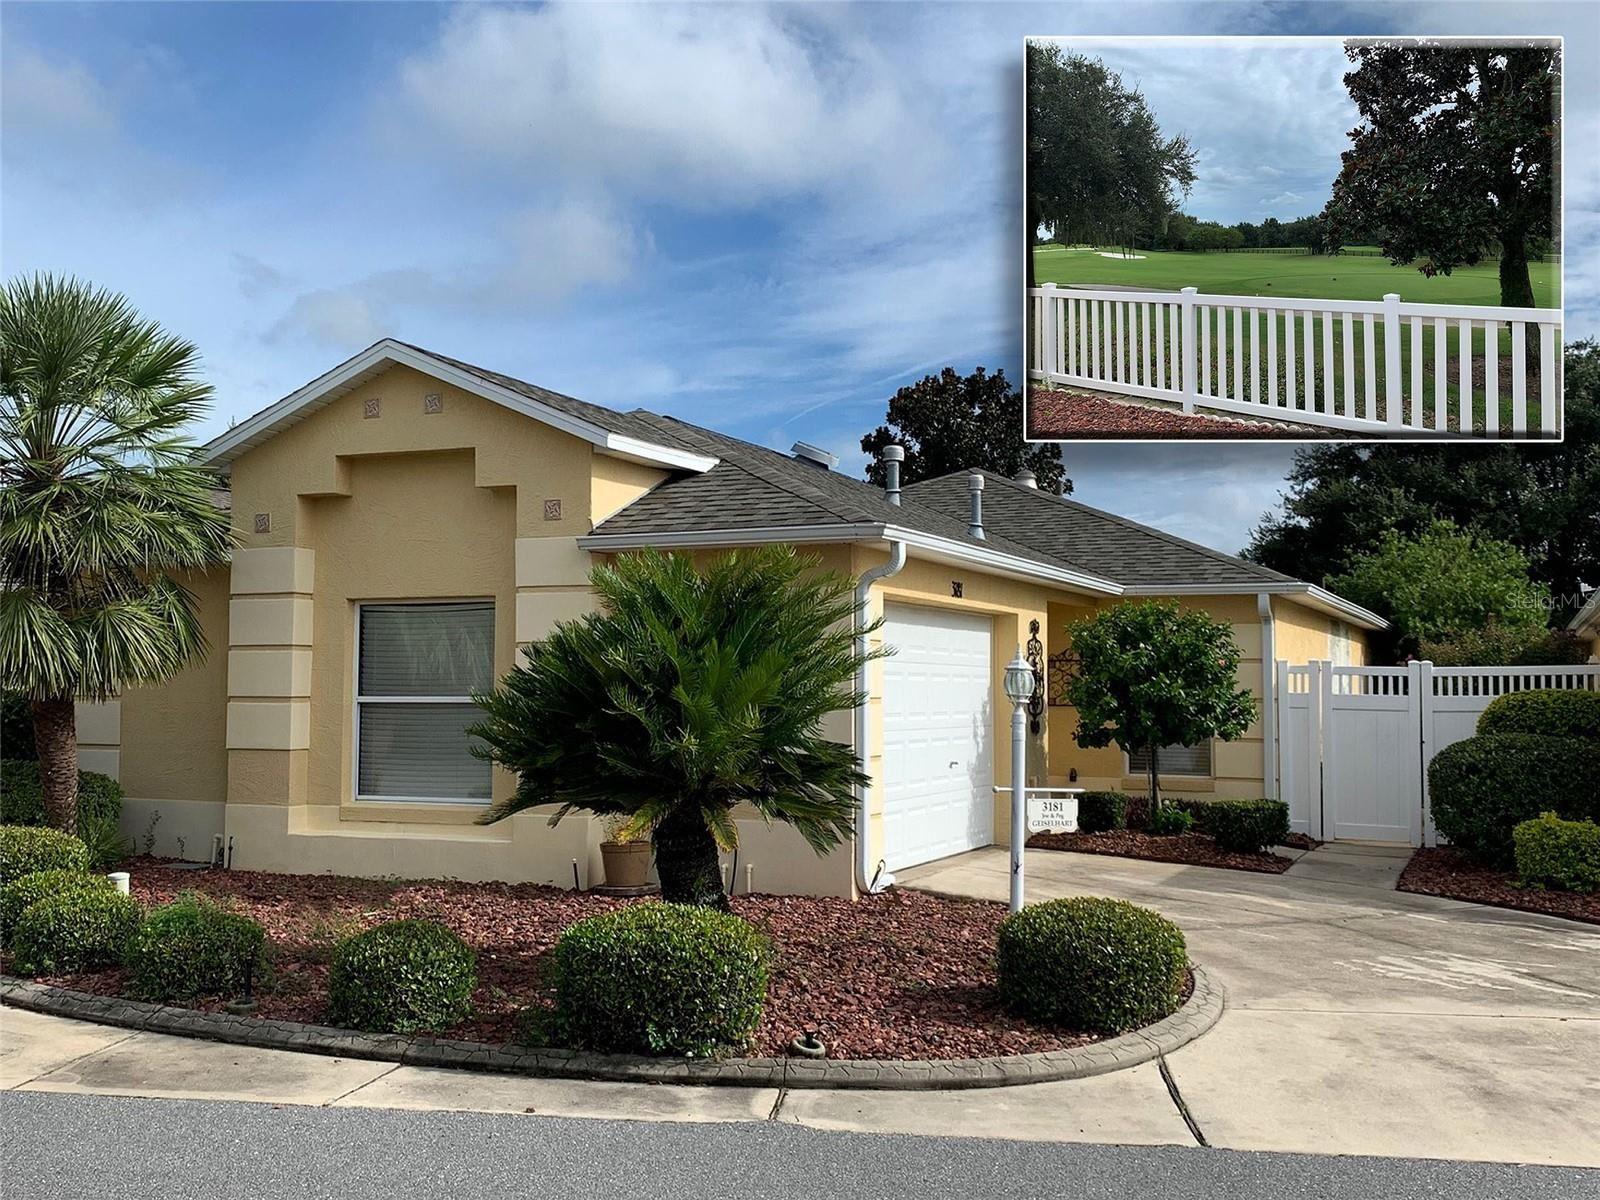 3181 ARCHER AVENUE, The Villages, FL 32162 - #: G5046787